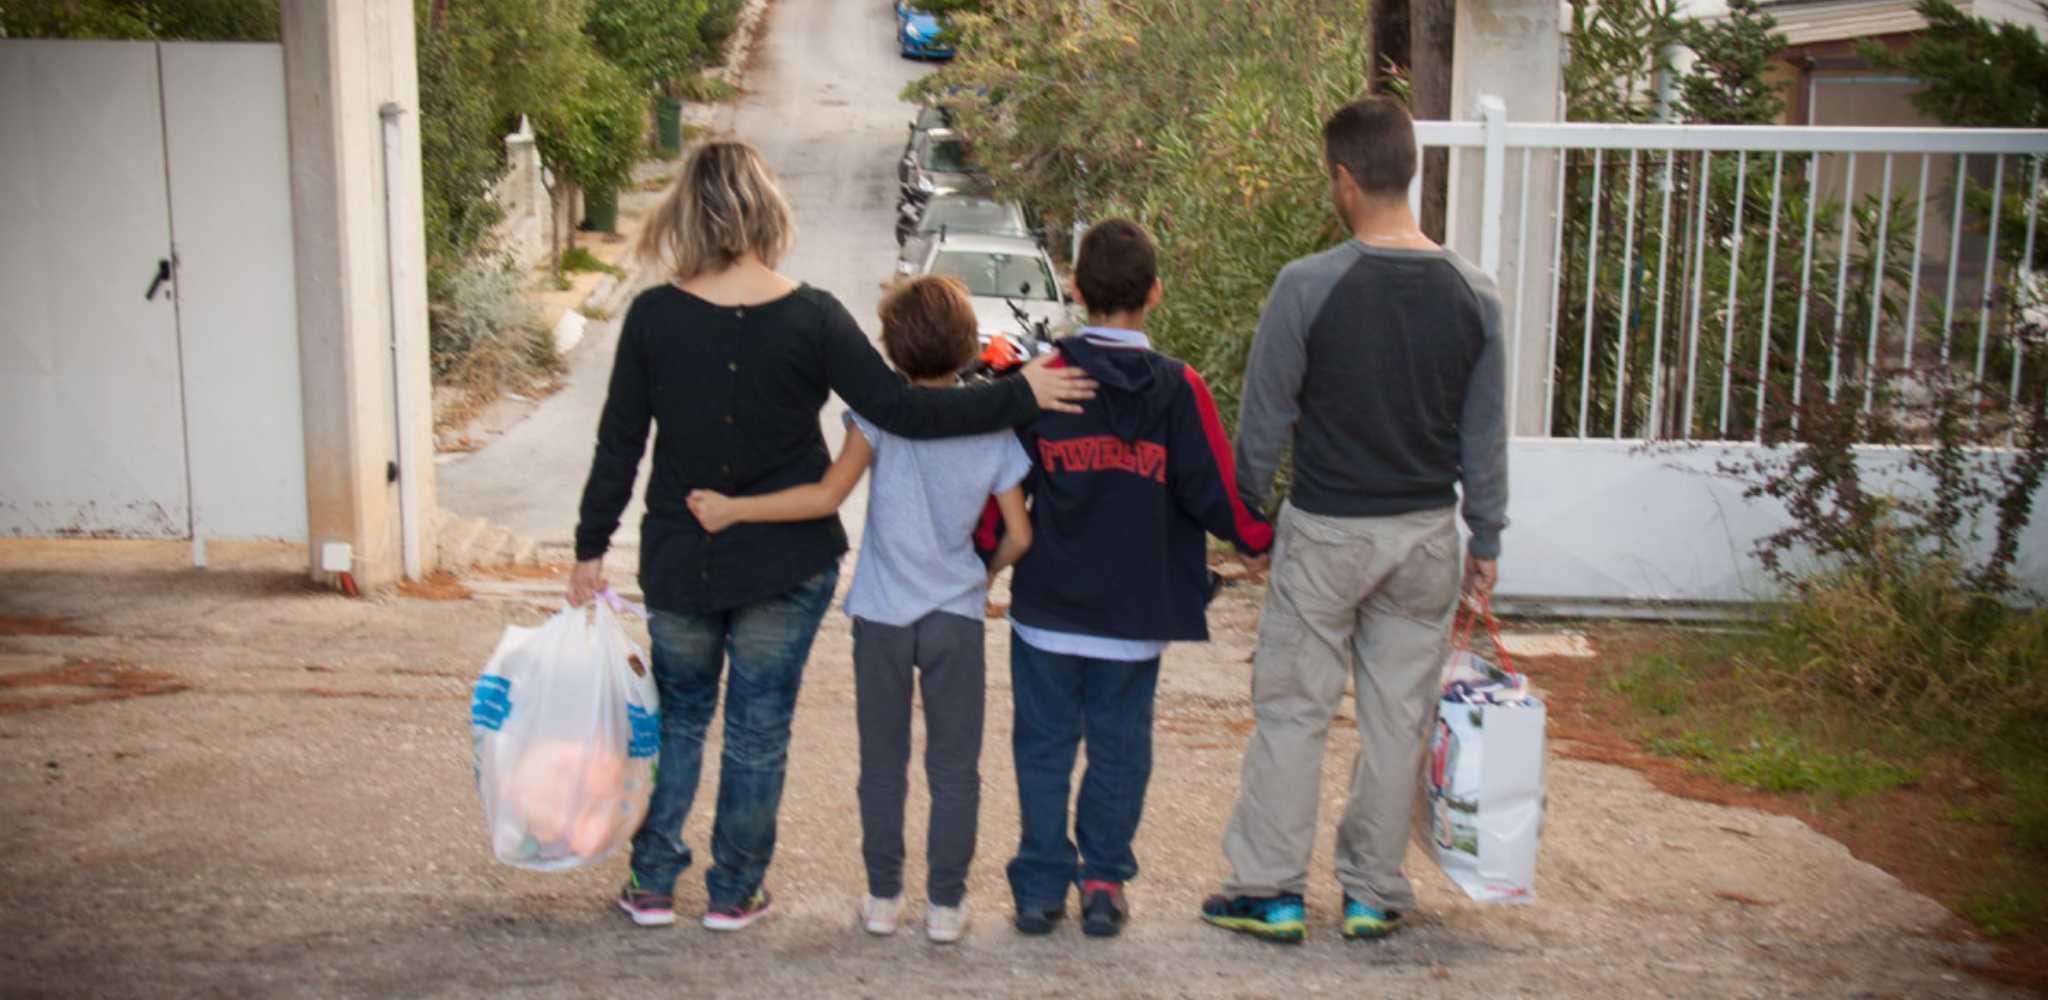 Πανελλαδική συγκέντρωση τροφίμων και ειδών πρώτης ανάγκης, ενόψει Πάσχα, για τα παιδιά και τις οικογένειές τους με σοβαρά προβλήματα διαβίωσης